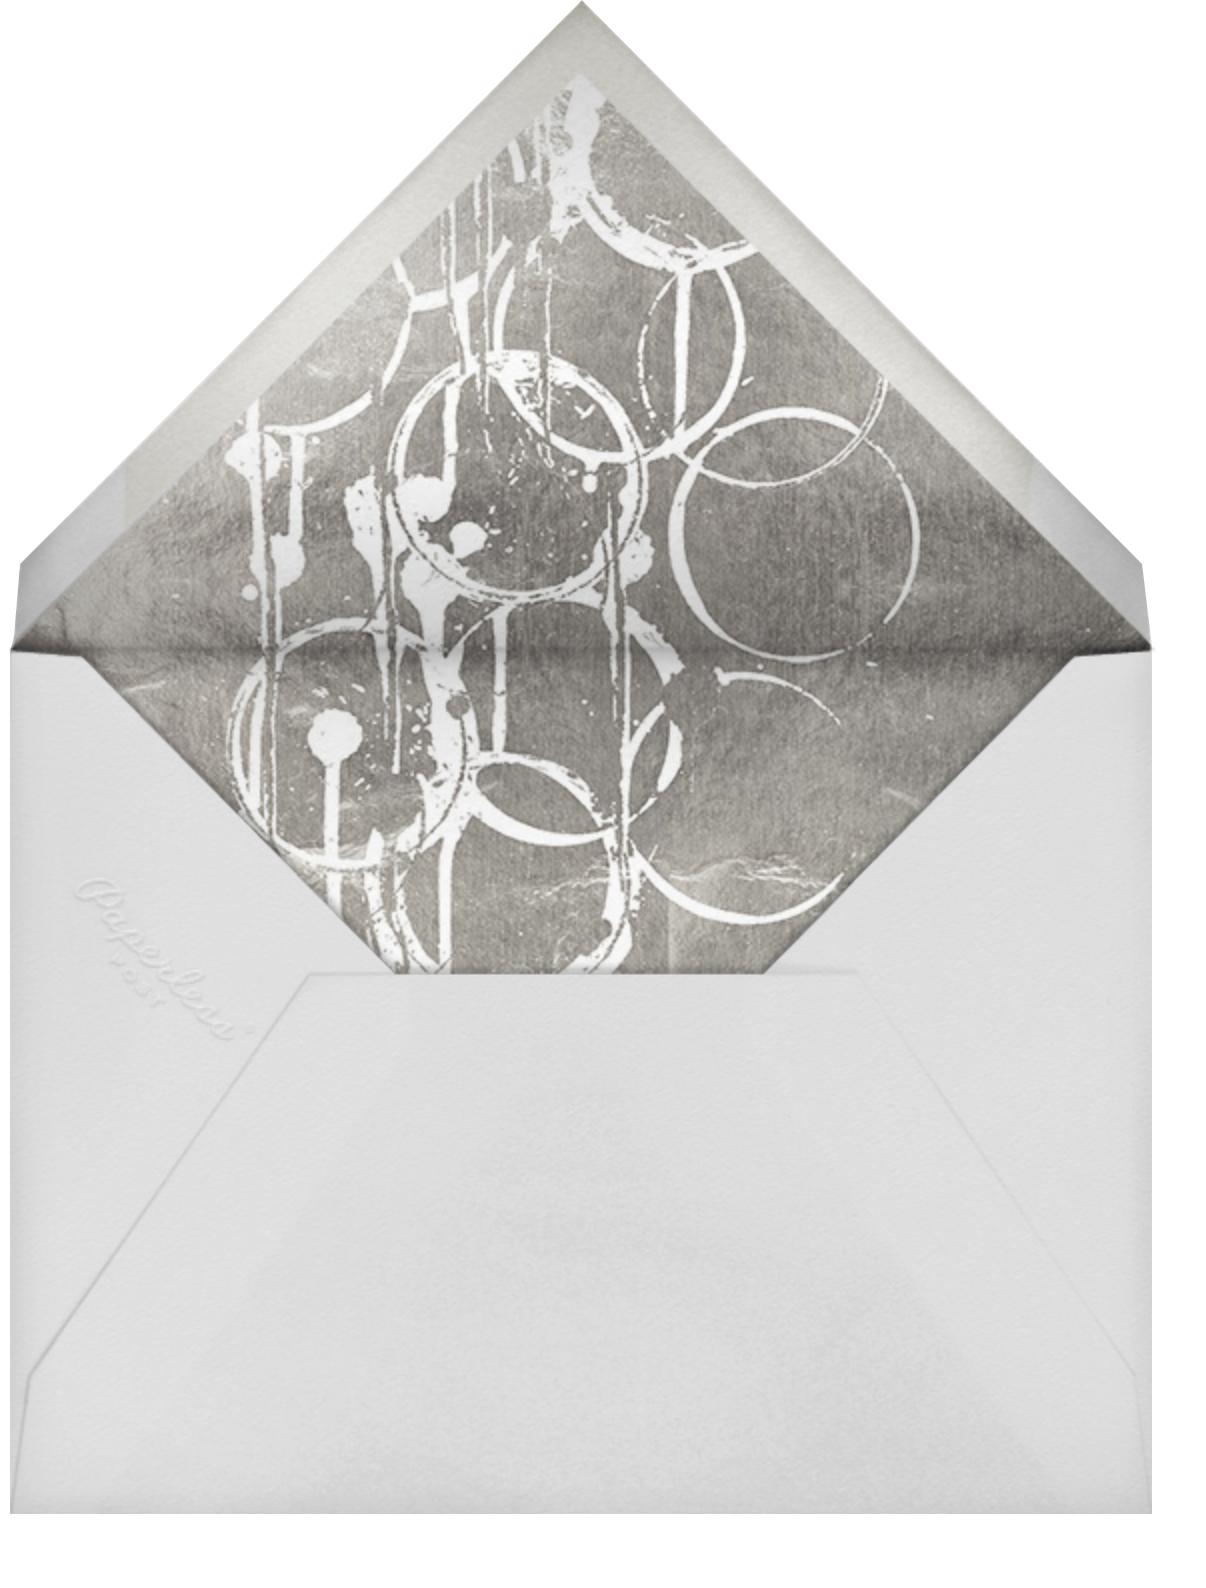 Bottle Shock - Silver - Kelly Wearstler - Cocktail party - envelope back